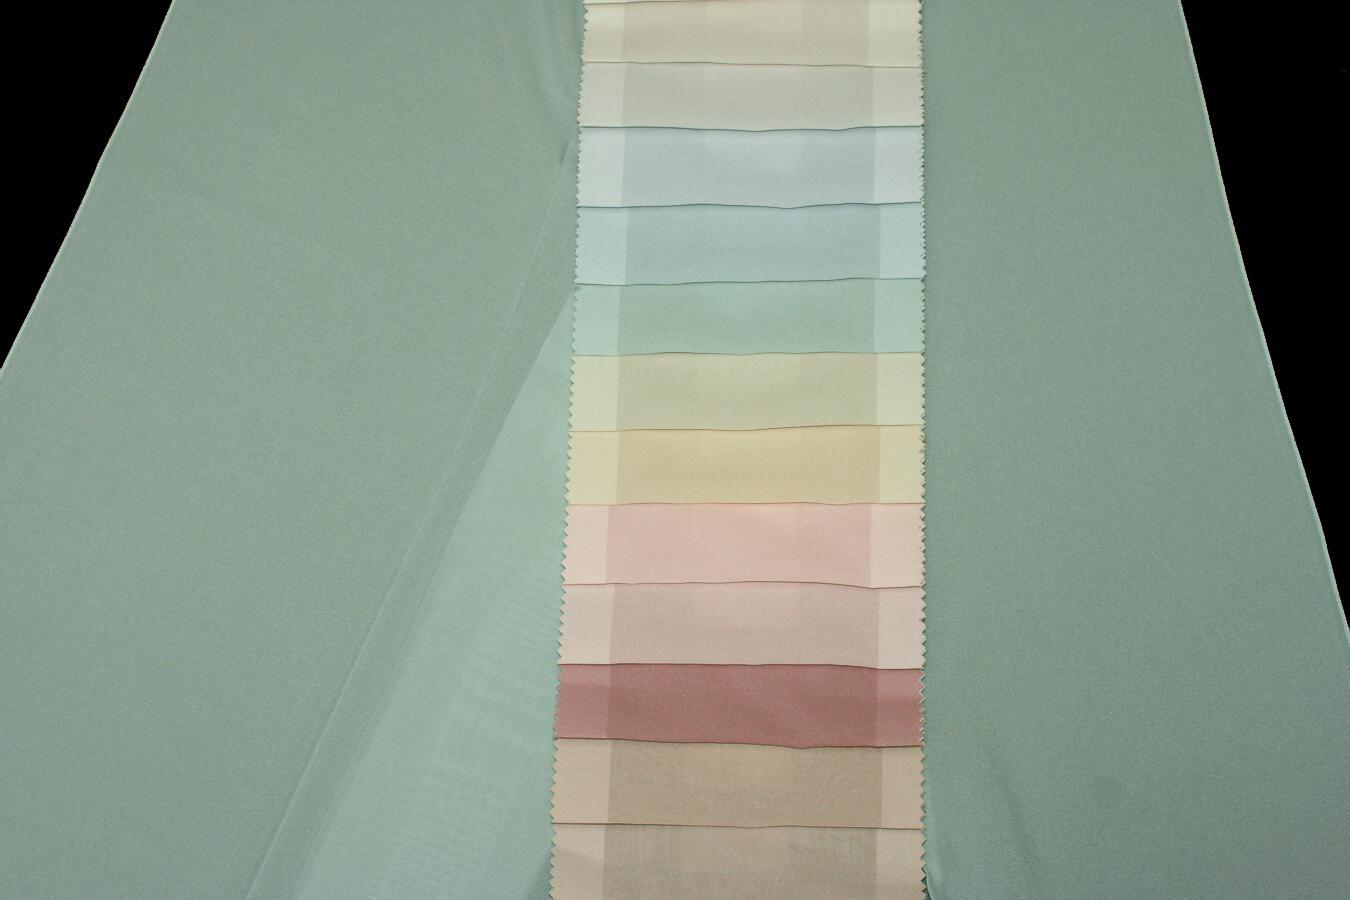 Záclona 31340 Fenice 320 cm s olůvkem 70 tmavě růžová